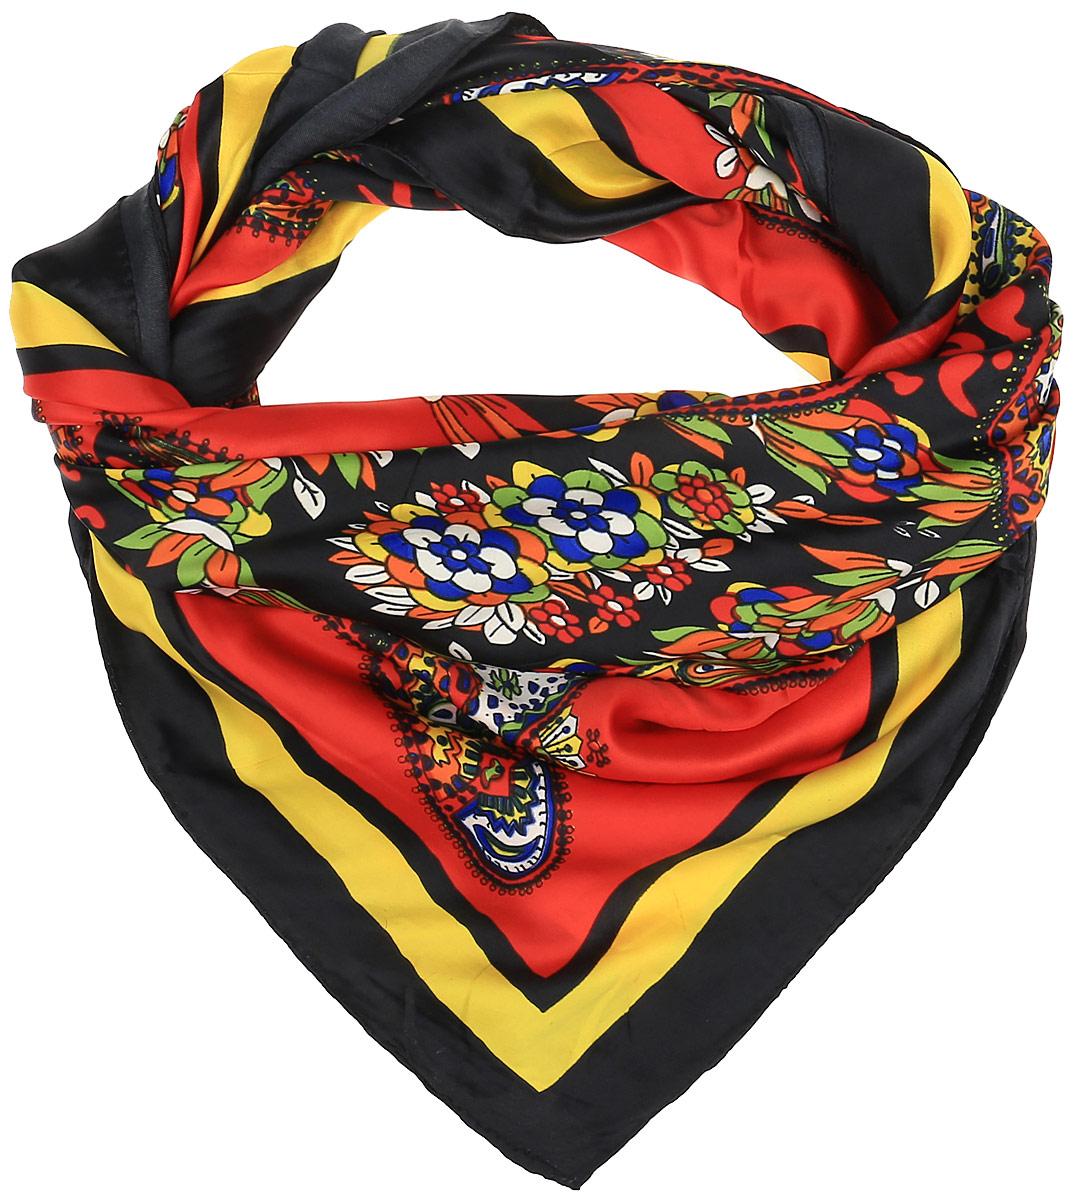 0510115236_03Очаровательный женский платок Sabellino станет великолепным завершением любого наряда. Платок изготовлен из высококачественного полиэстера и оформлен оригинальным цветочным принтом. Классическая квадратная форма позволяет носить платок на шее, украшать им прическу или декорировать сумочку.